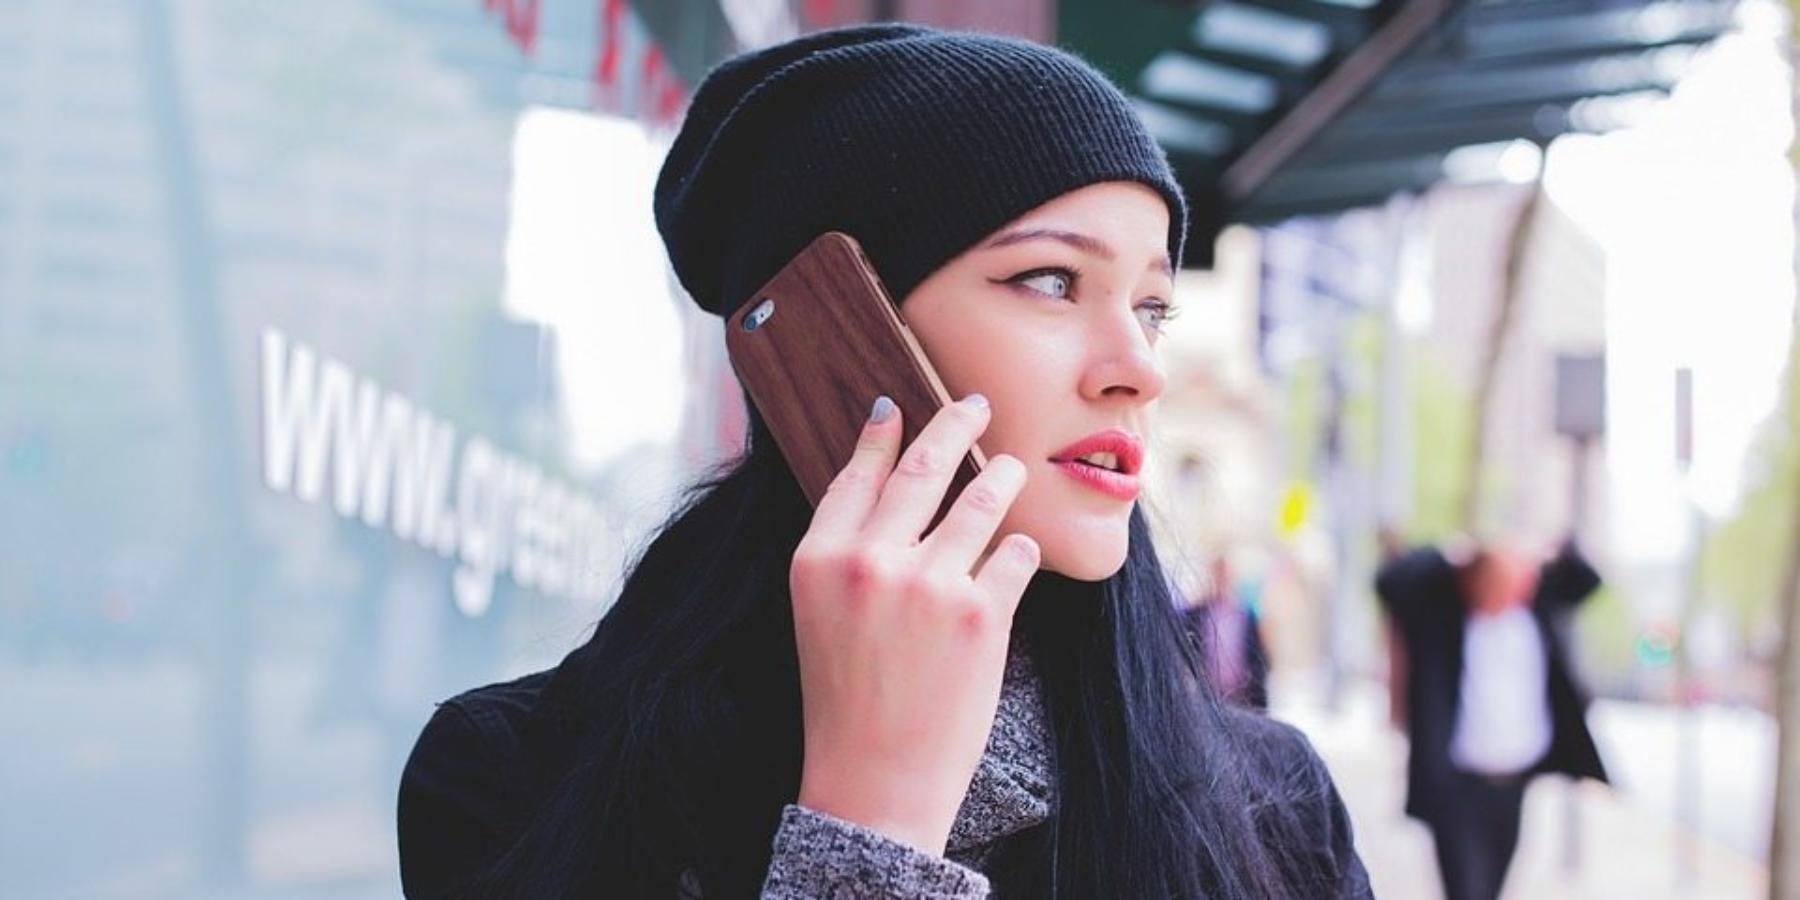 Techniki sprzedaży telefonicznej, jak się przygotować, jakich błędów unikać?